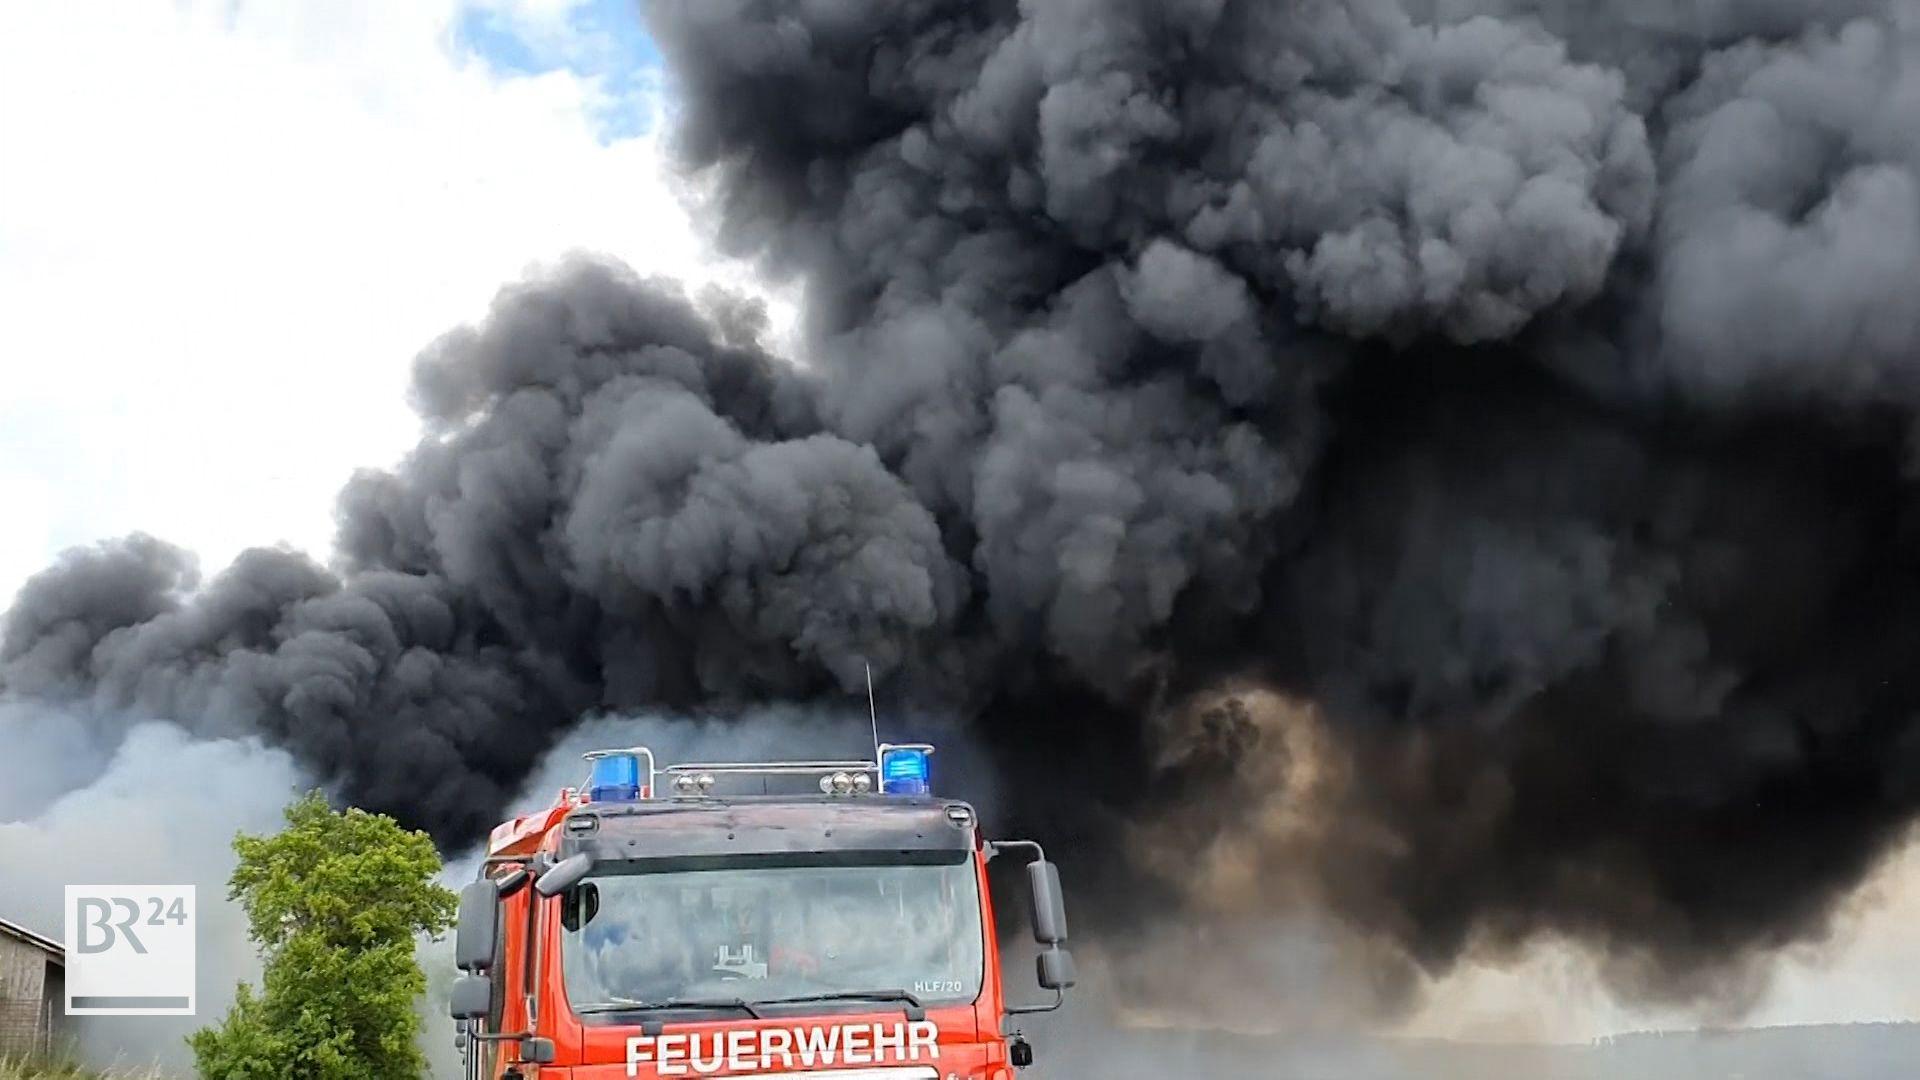 Große, schwarz-graue Rauchwolke steigt in den Himmel auf. Im Vordergrund sind  am unteren Bildrand ein Feuerwehreinsatzwagen und ein Baum jeweils zur Hälfte zu sehen.